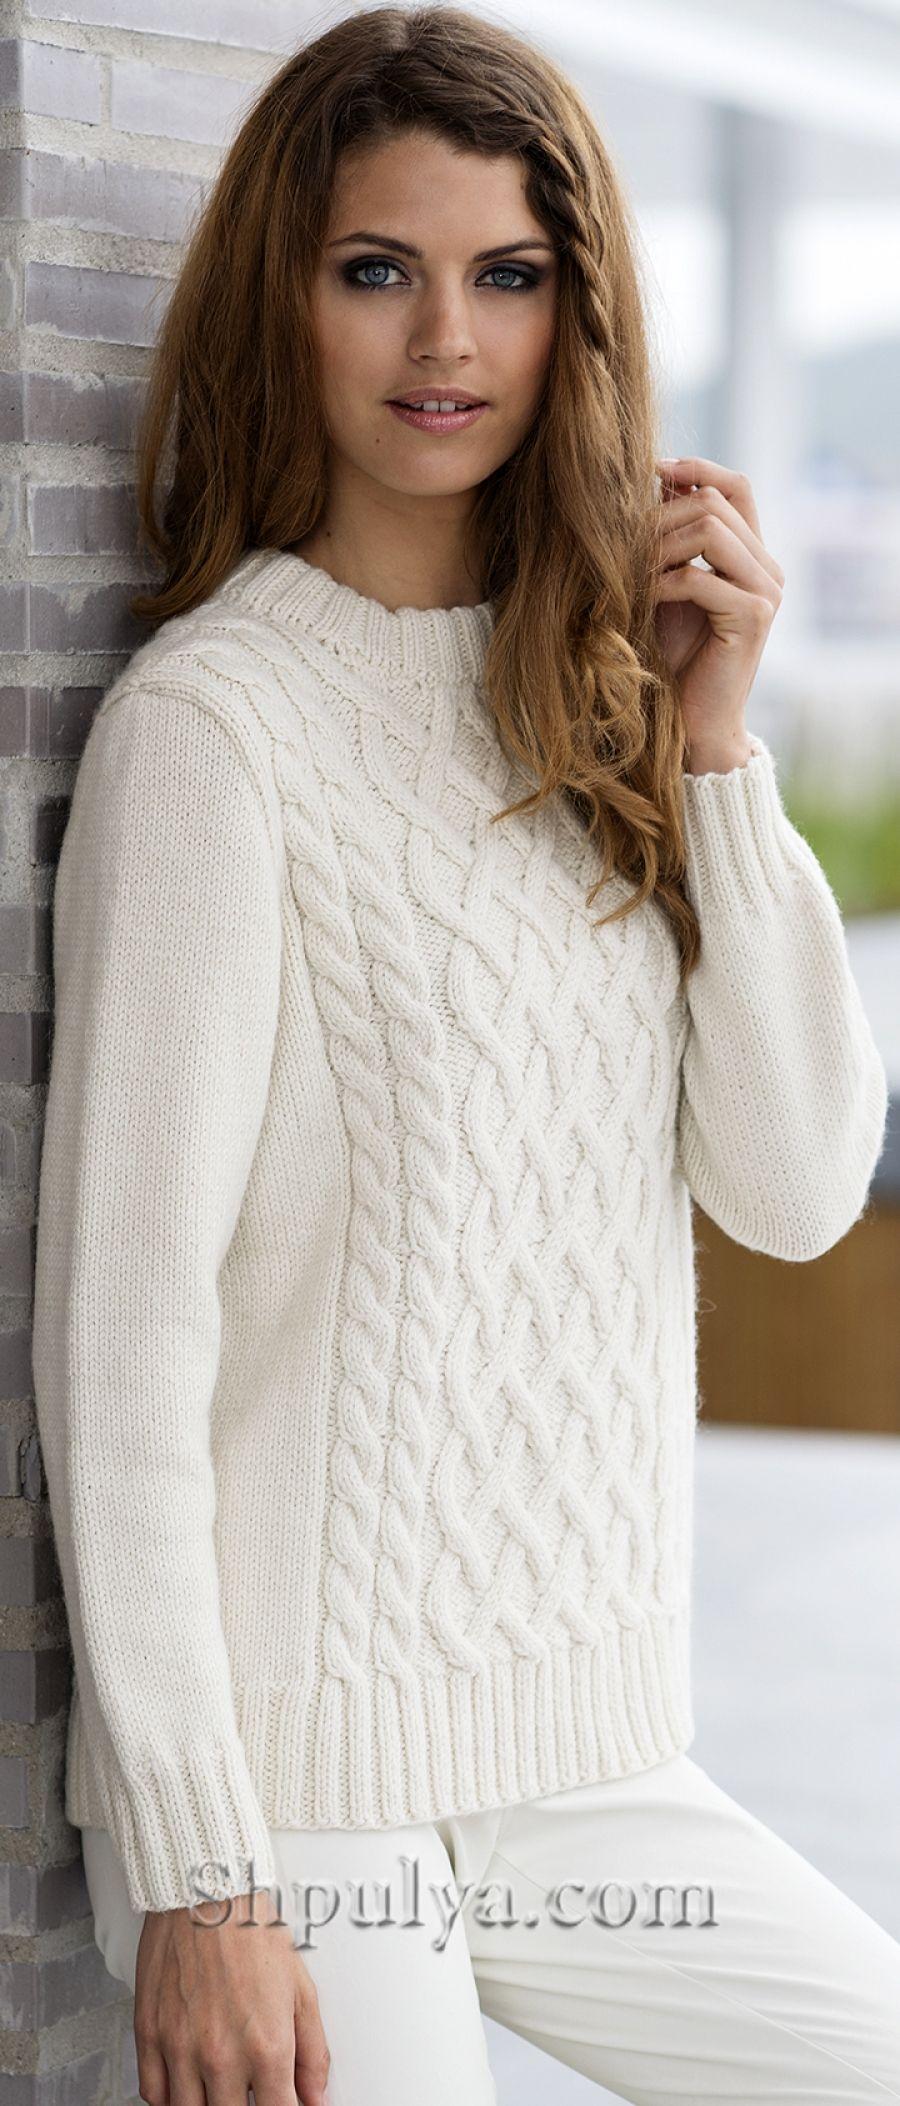 Вязаный женский пуловер с аранами | PUNTO DE MEDIA | Pinterest ...